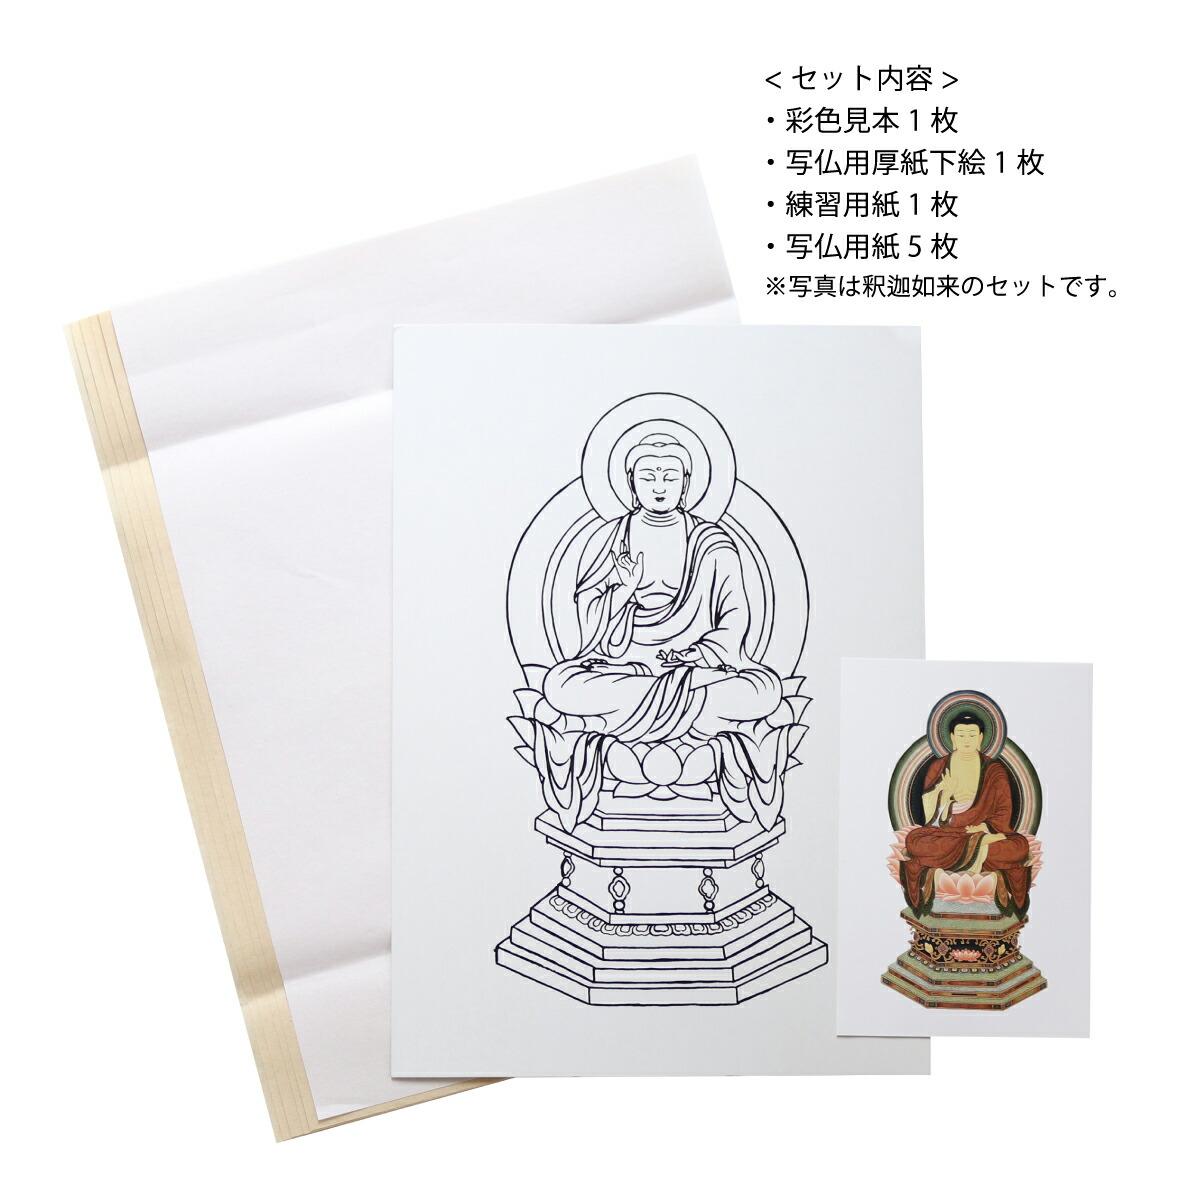 写仏セット観音菩薩 写仏セット観音菩薩 写仏セット観音菩薩